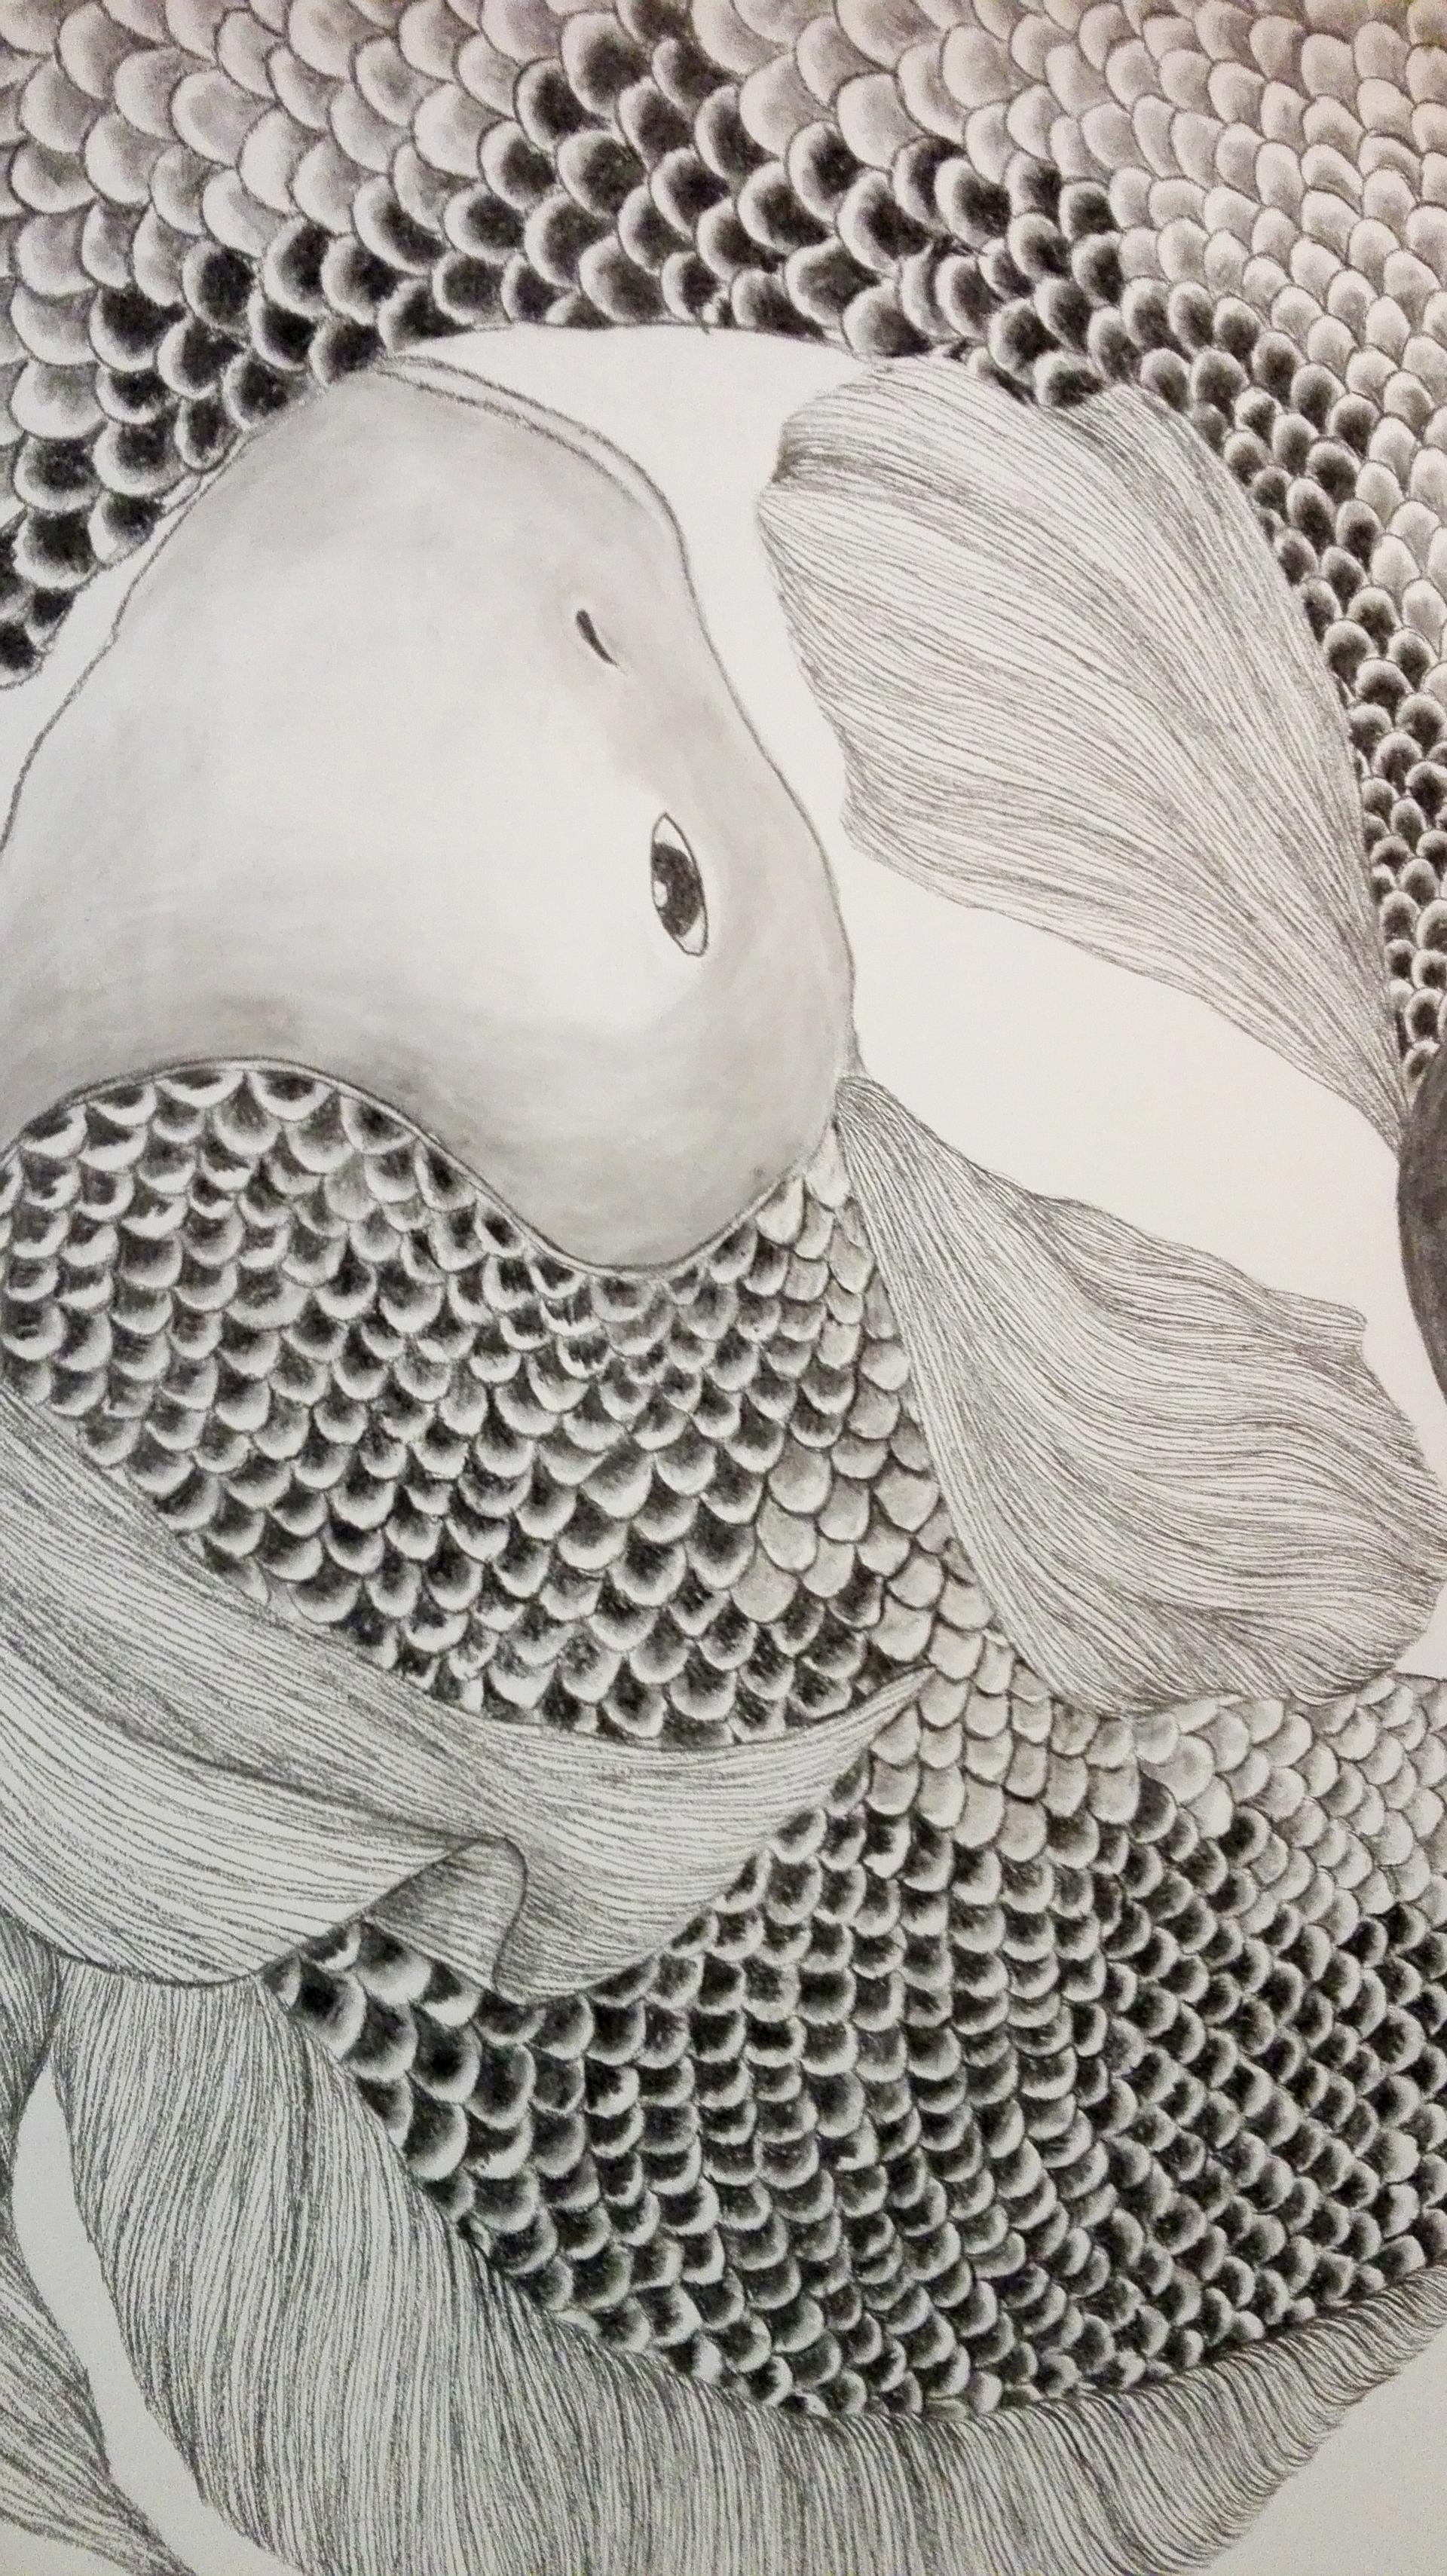 fish mural 6.png